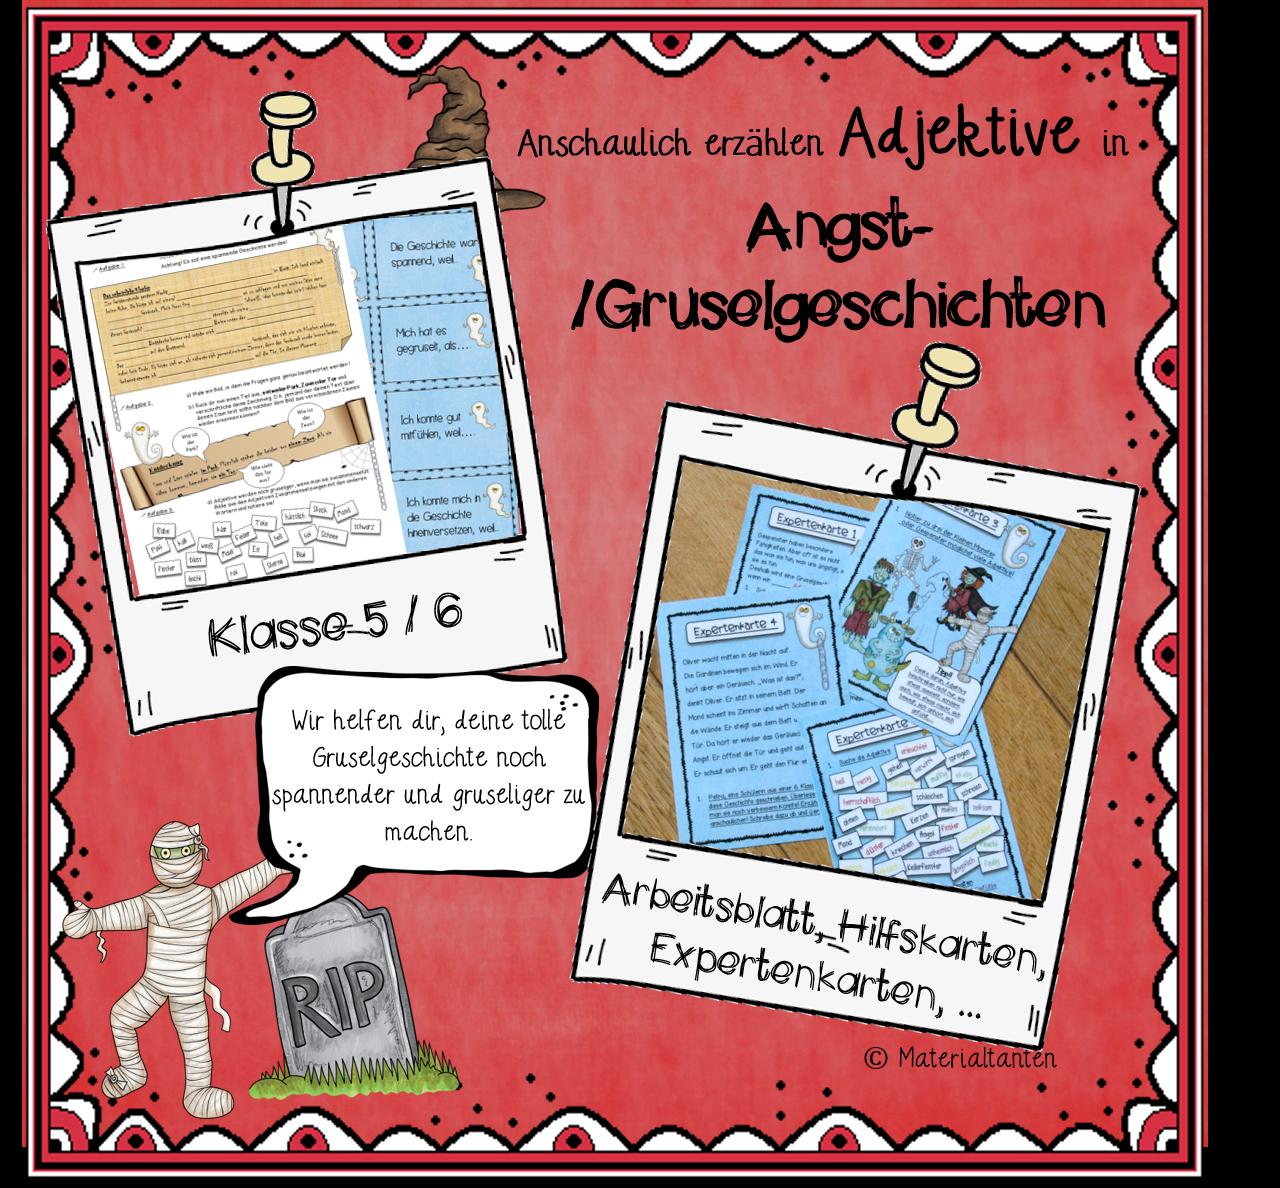 Gruselgeschichten Adjektive Deckblatt